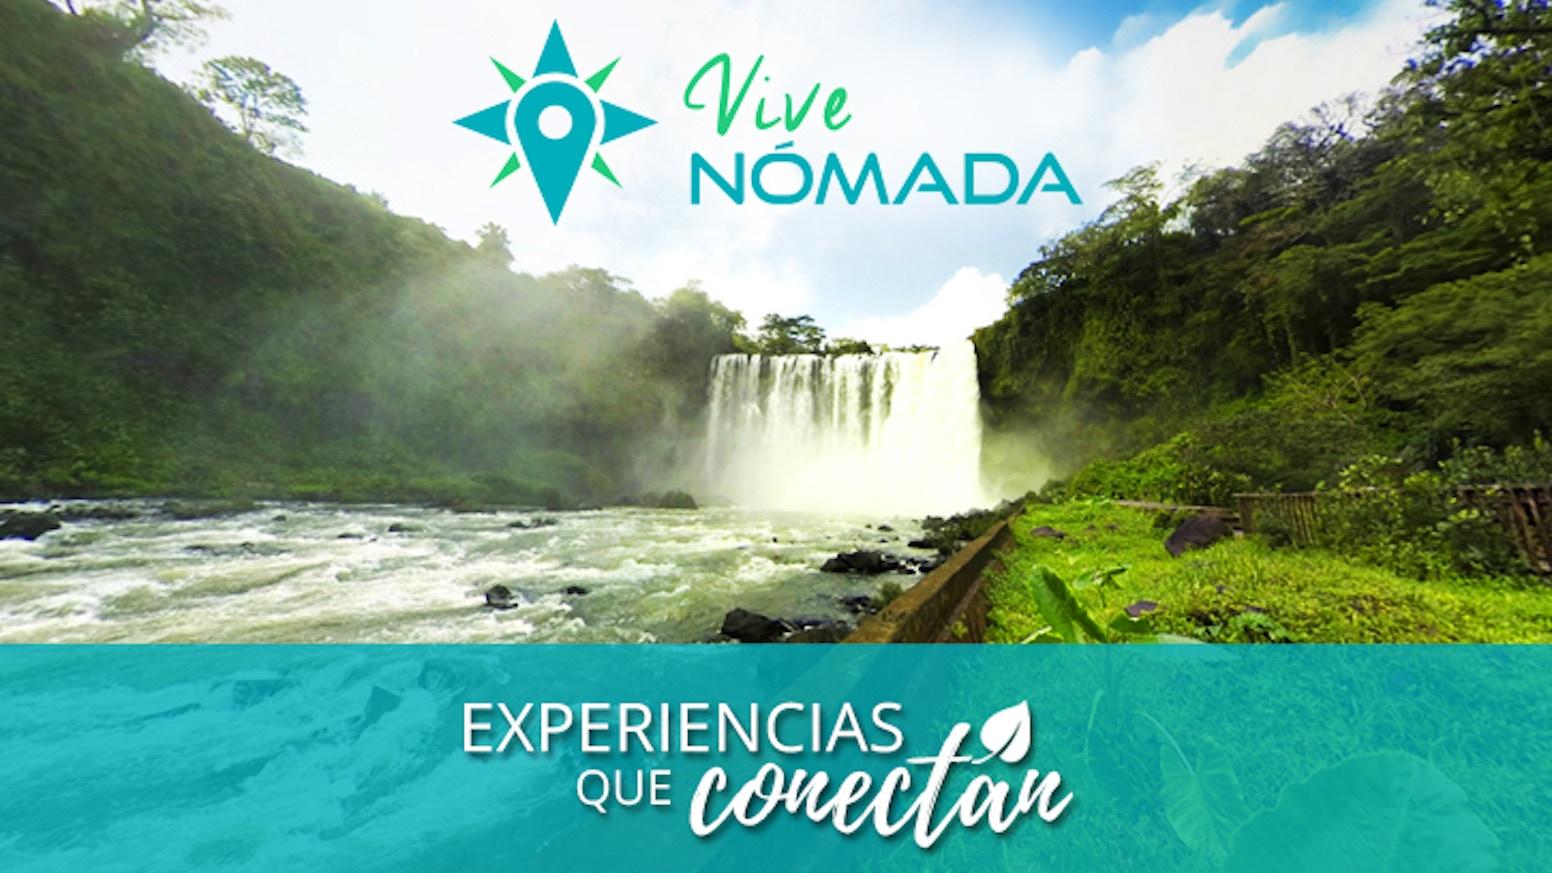 Vive Nómada es un proyecto mexicano que ofrece experiencias turísticas en  locaciones increíbles en el estado 9c5b88c0cac0b